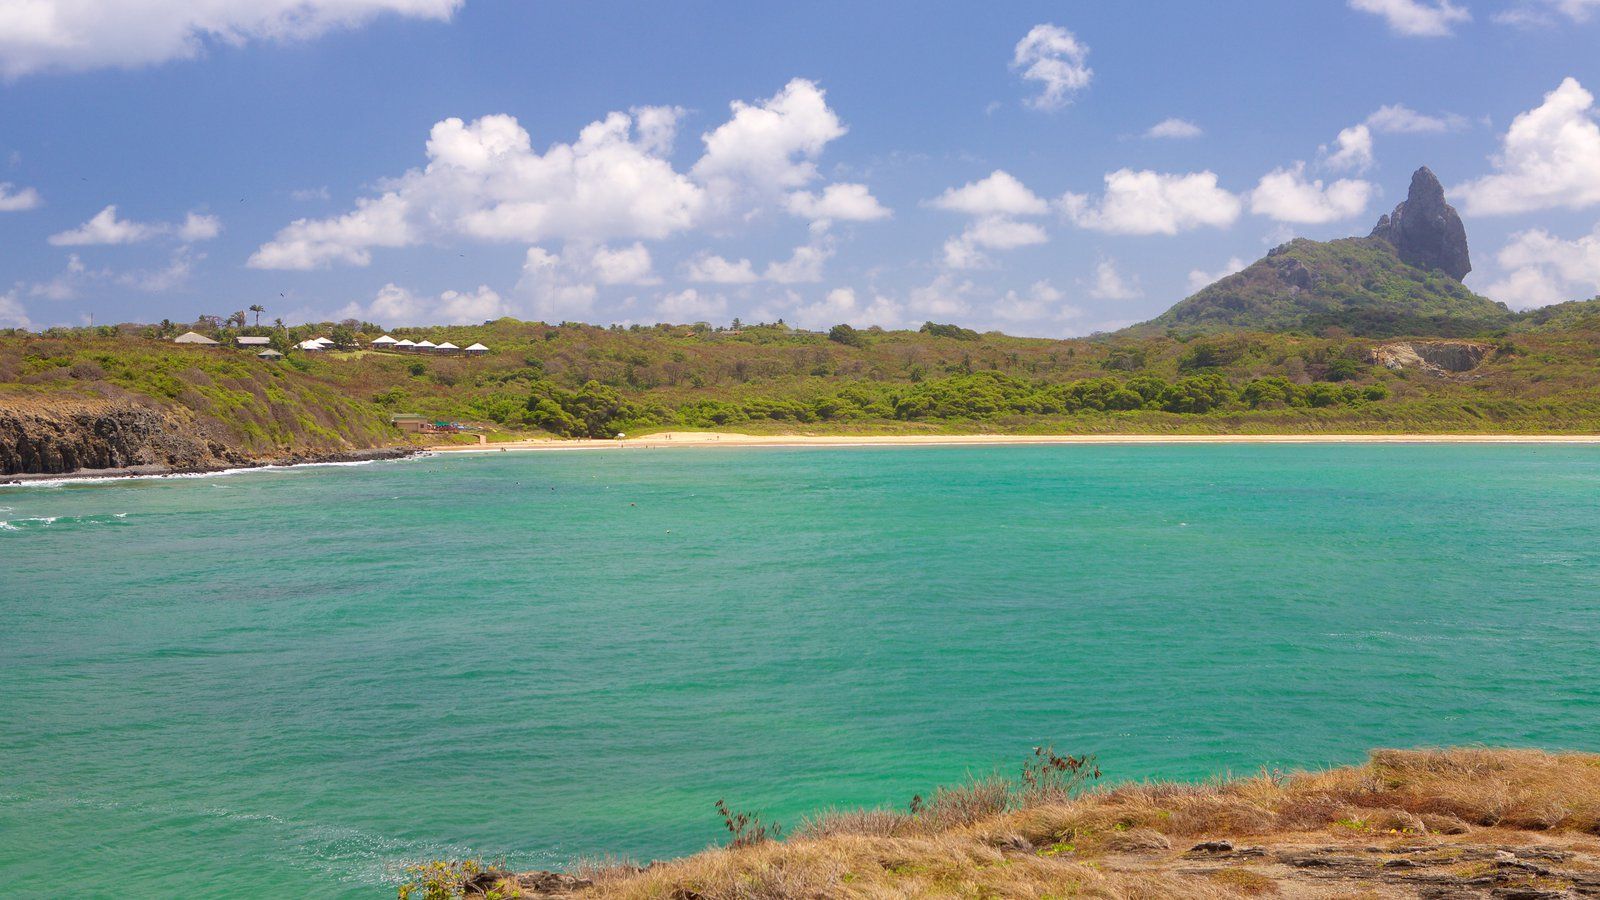 Praia do Sueste caracterizando uma praia, montanhas e paisagens litorâneas